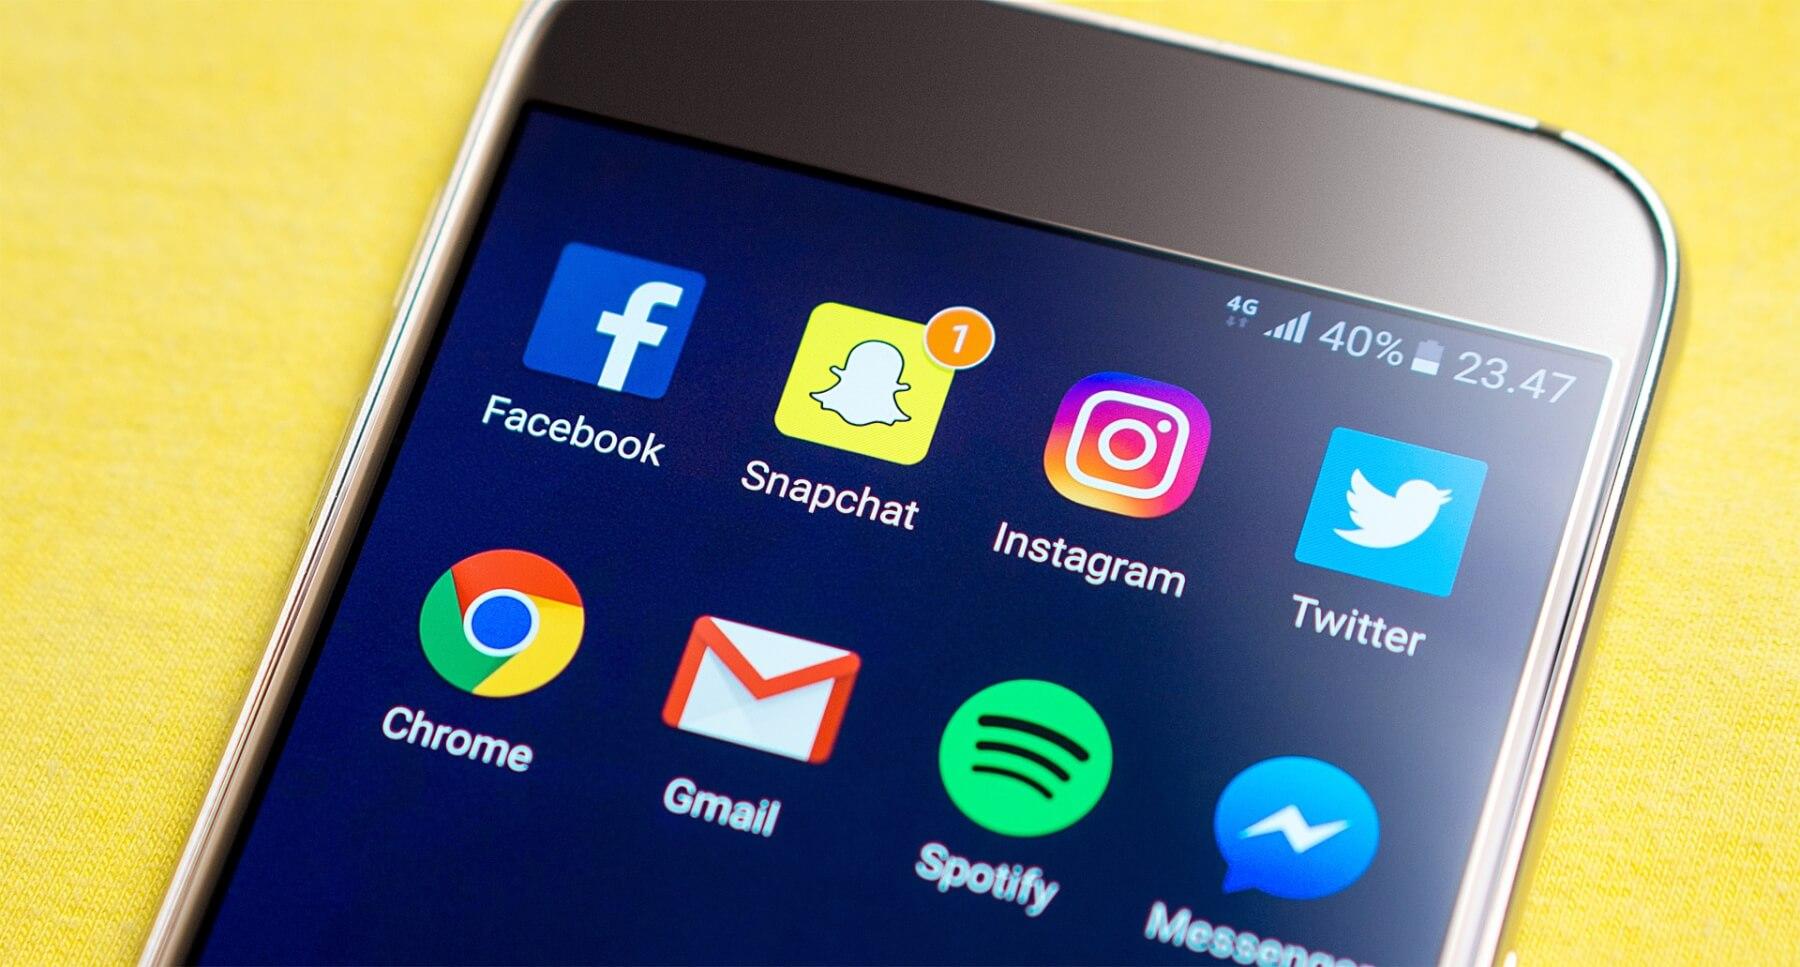 Snapchat wächst wieder: Neue Nutzer und höhere Erlöse [Infografik]